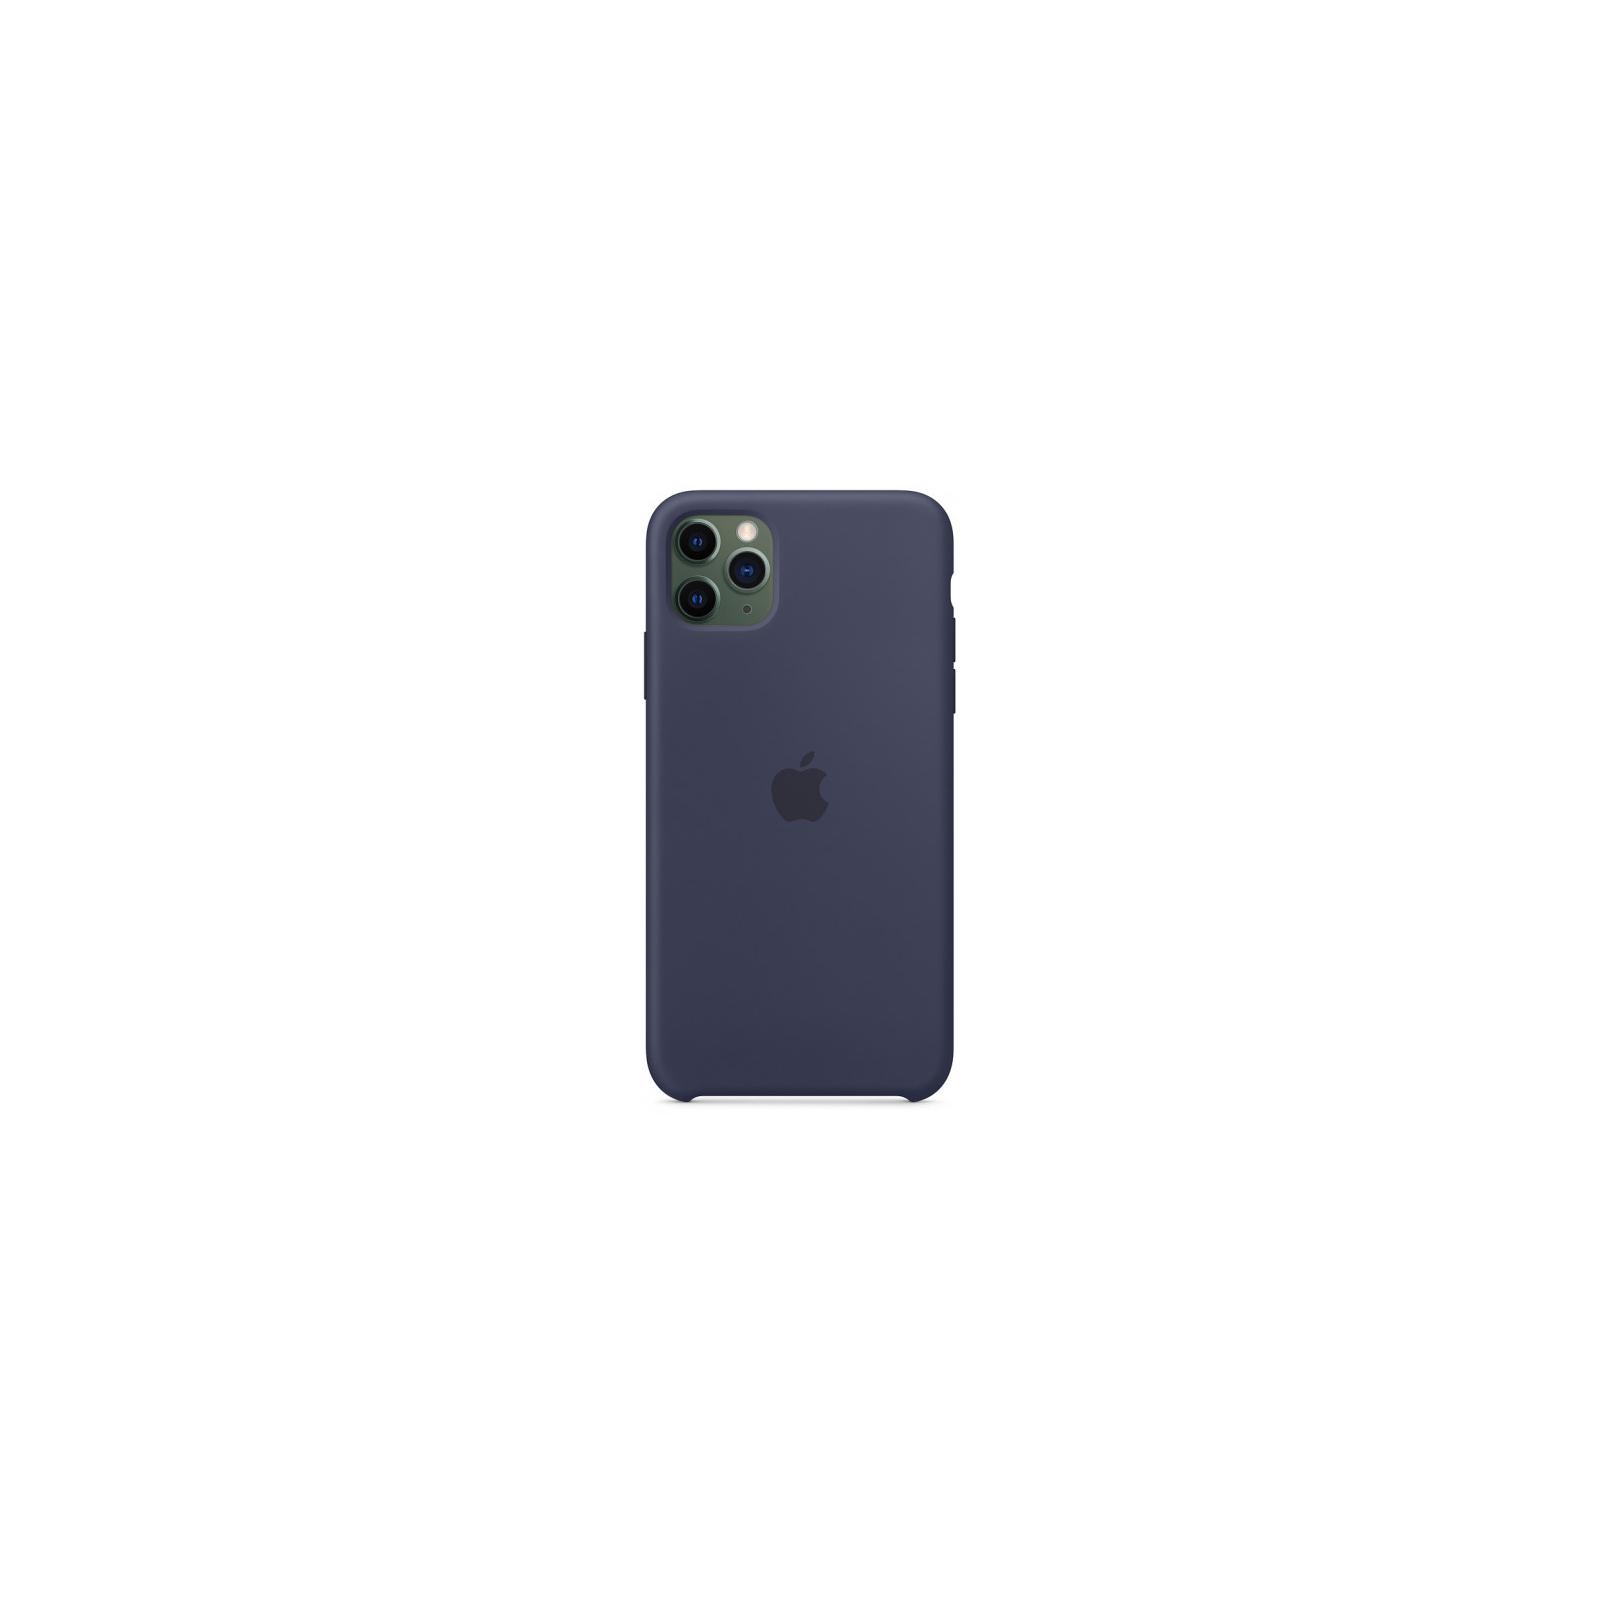 Чехол для моб. телефона Apple iPhone 11 Pro Max Silicone Case - Midnight Blue (MWYW2ZM/A) изображение 3